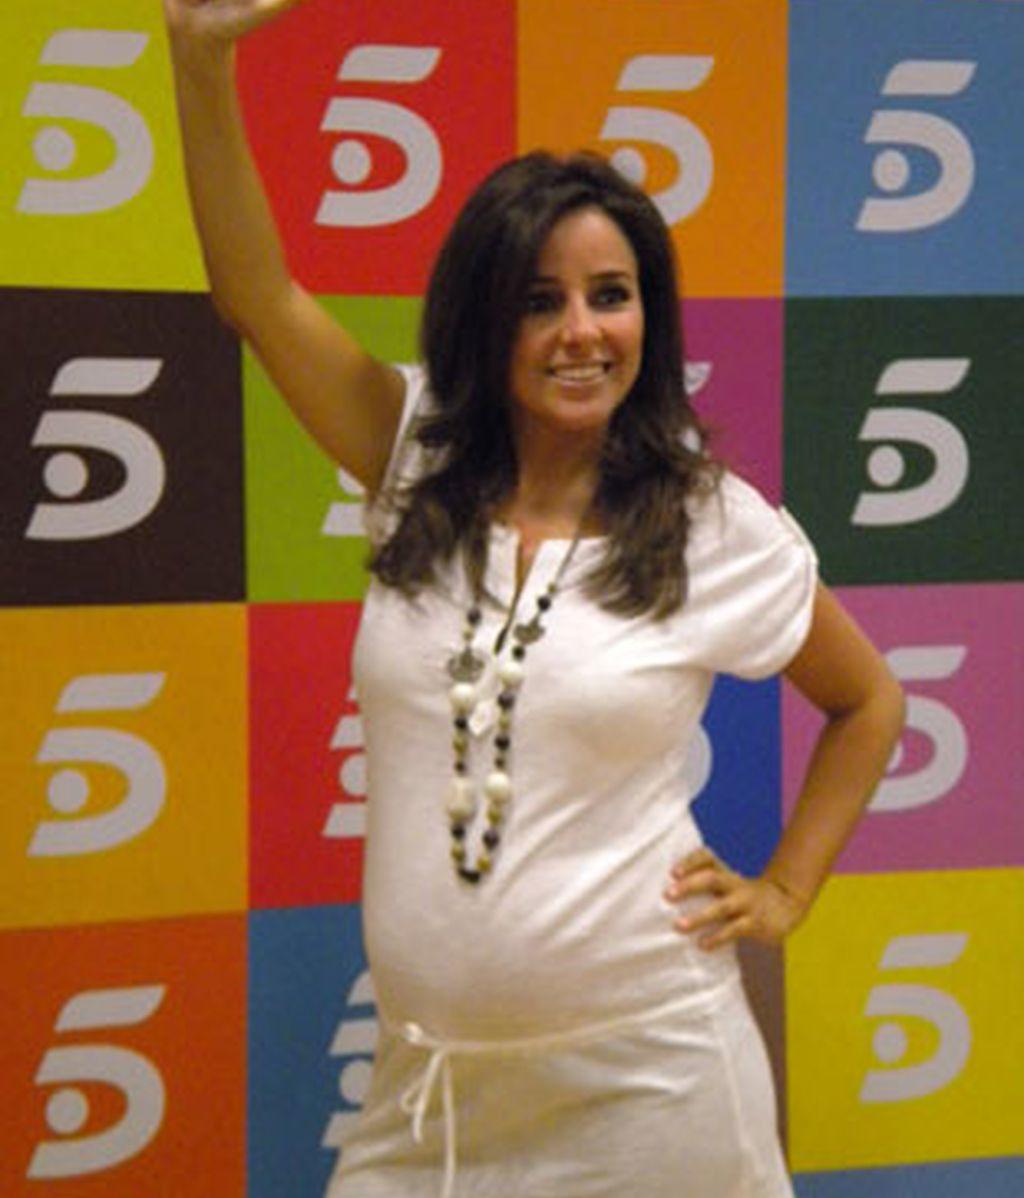 La presentadora de 'Guaypaut', Carmen Alcayde.